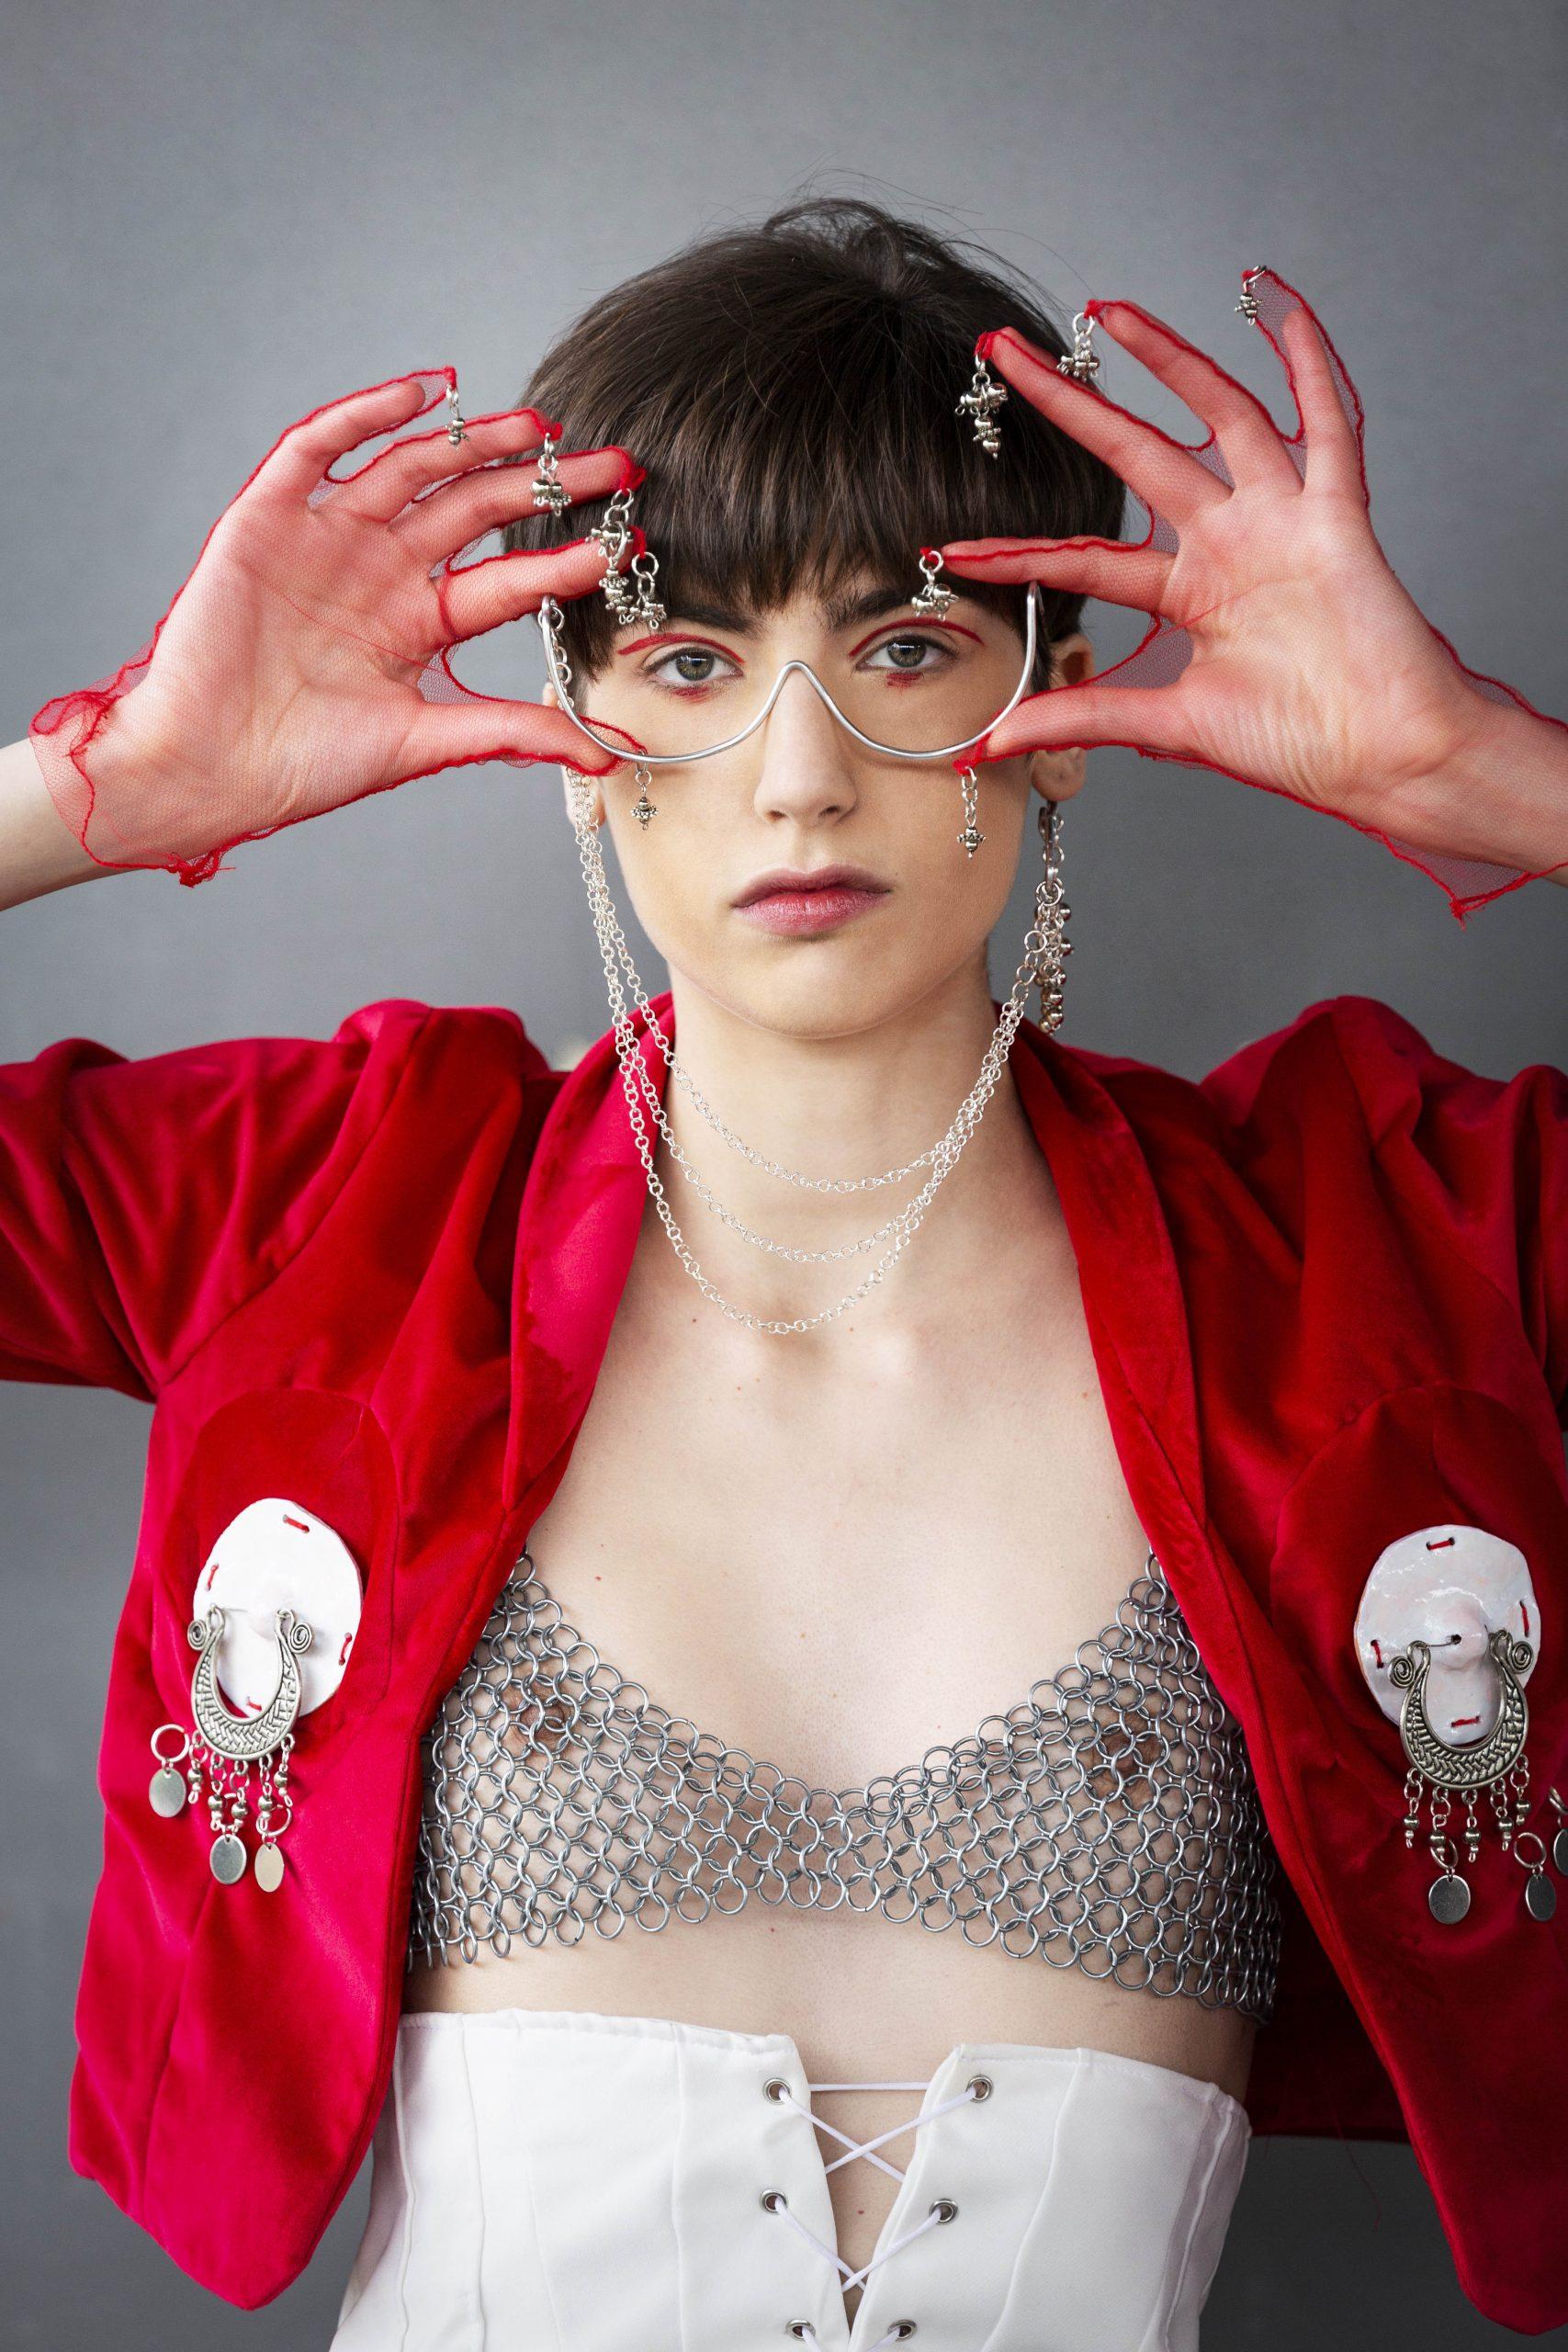 Giulia Blasi Fashion Photo